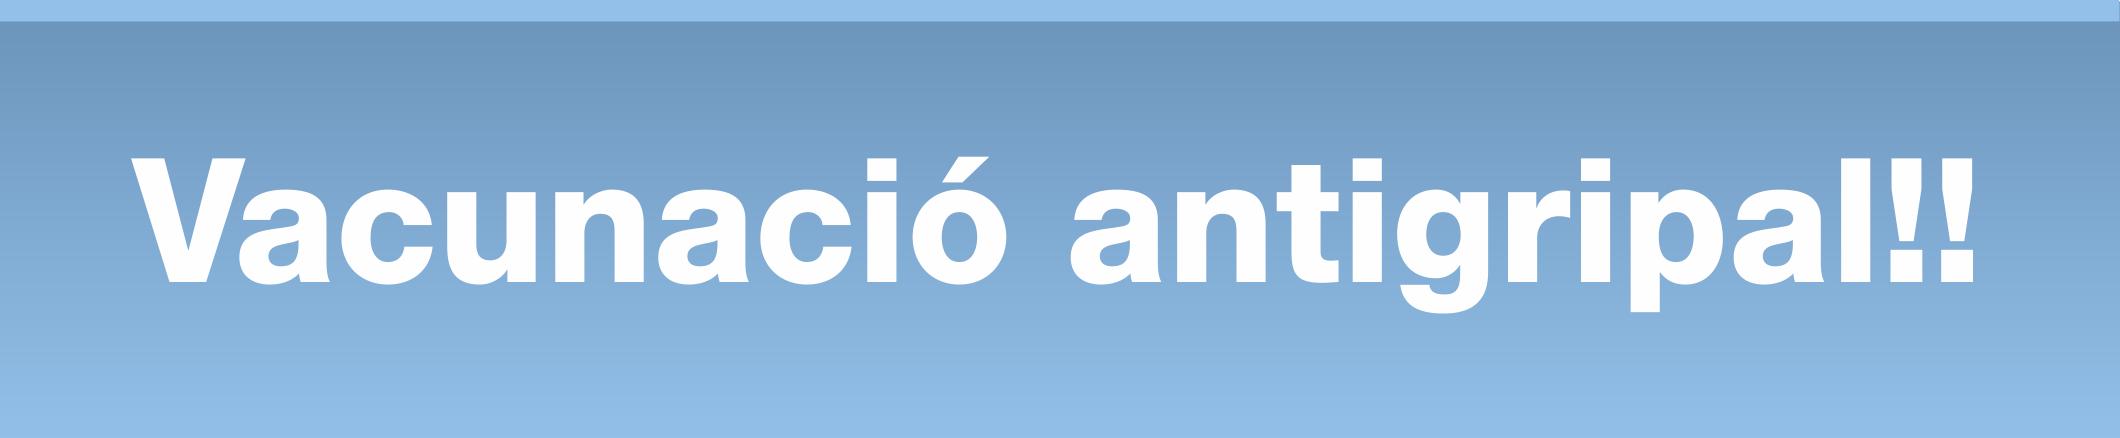 banner_vacunacio